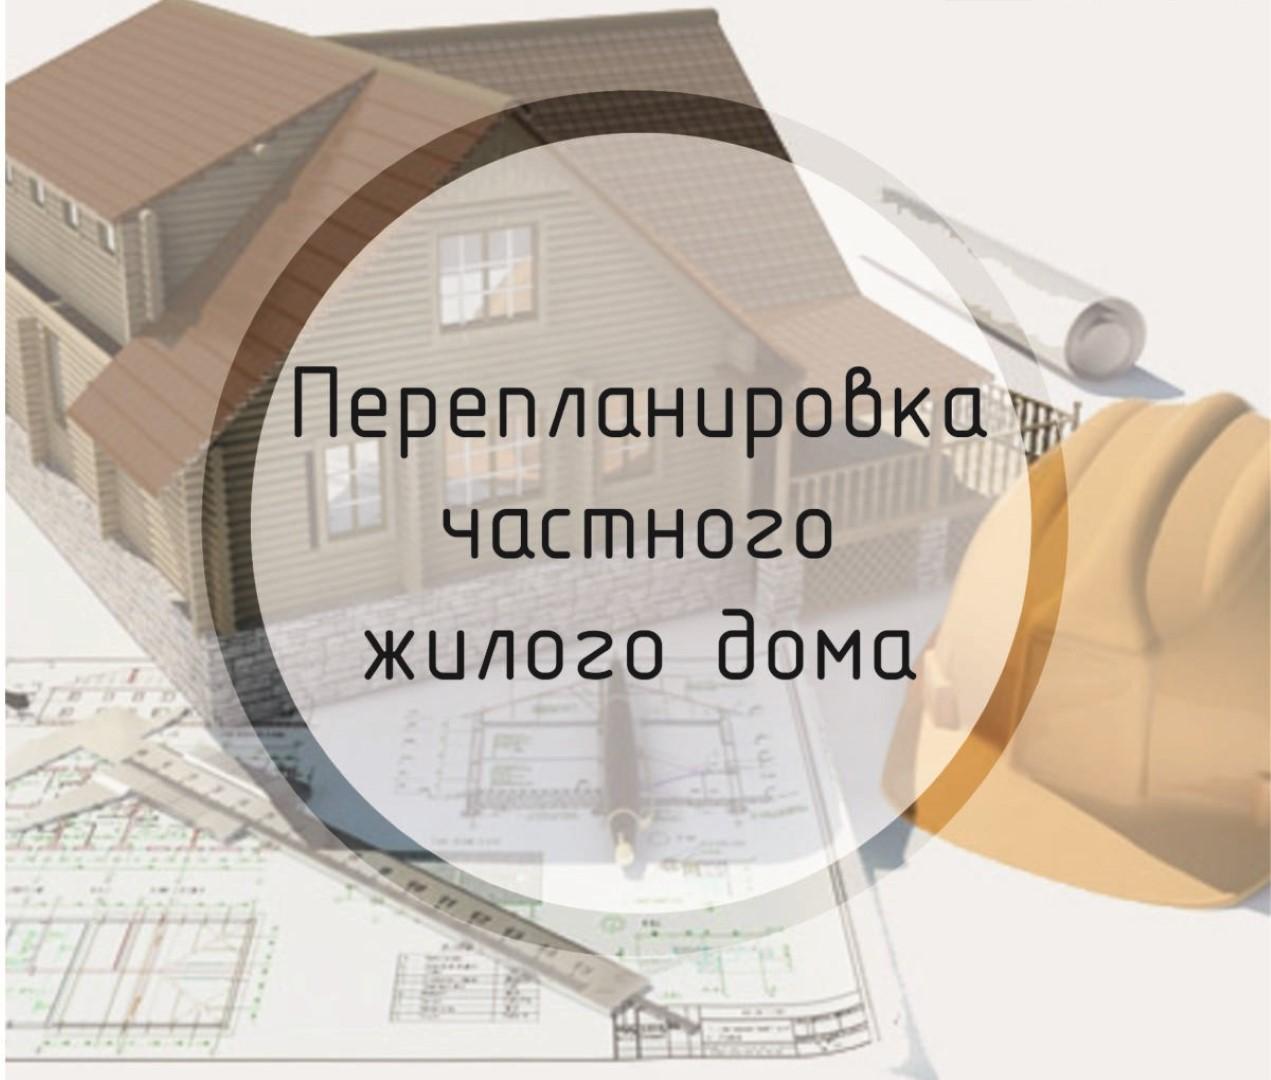 Оформляем перепланировку в частном доме- Обзор и Пошаговая инструкция +Видео